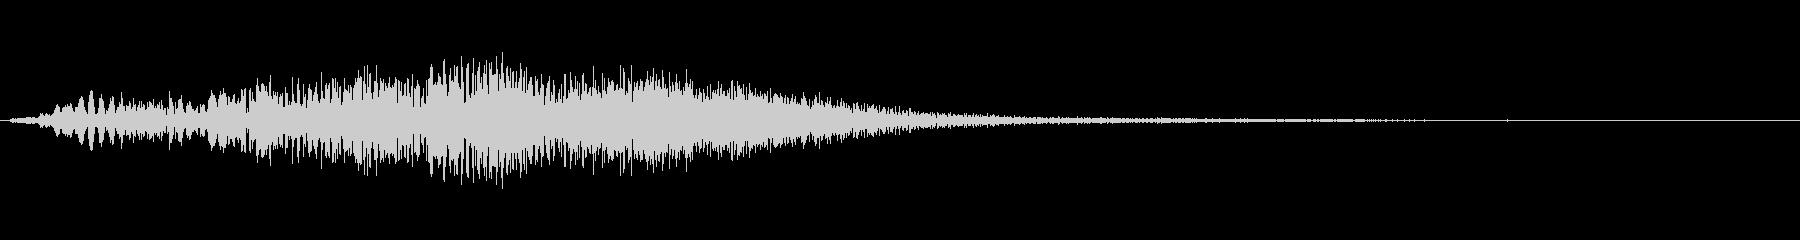 ハープ:ビッグアセンディンググリス...の未再生の波形